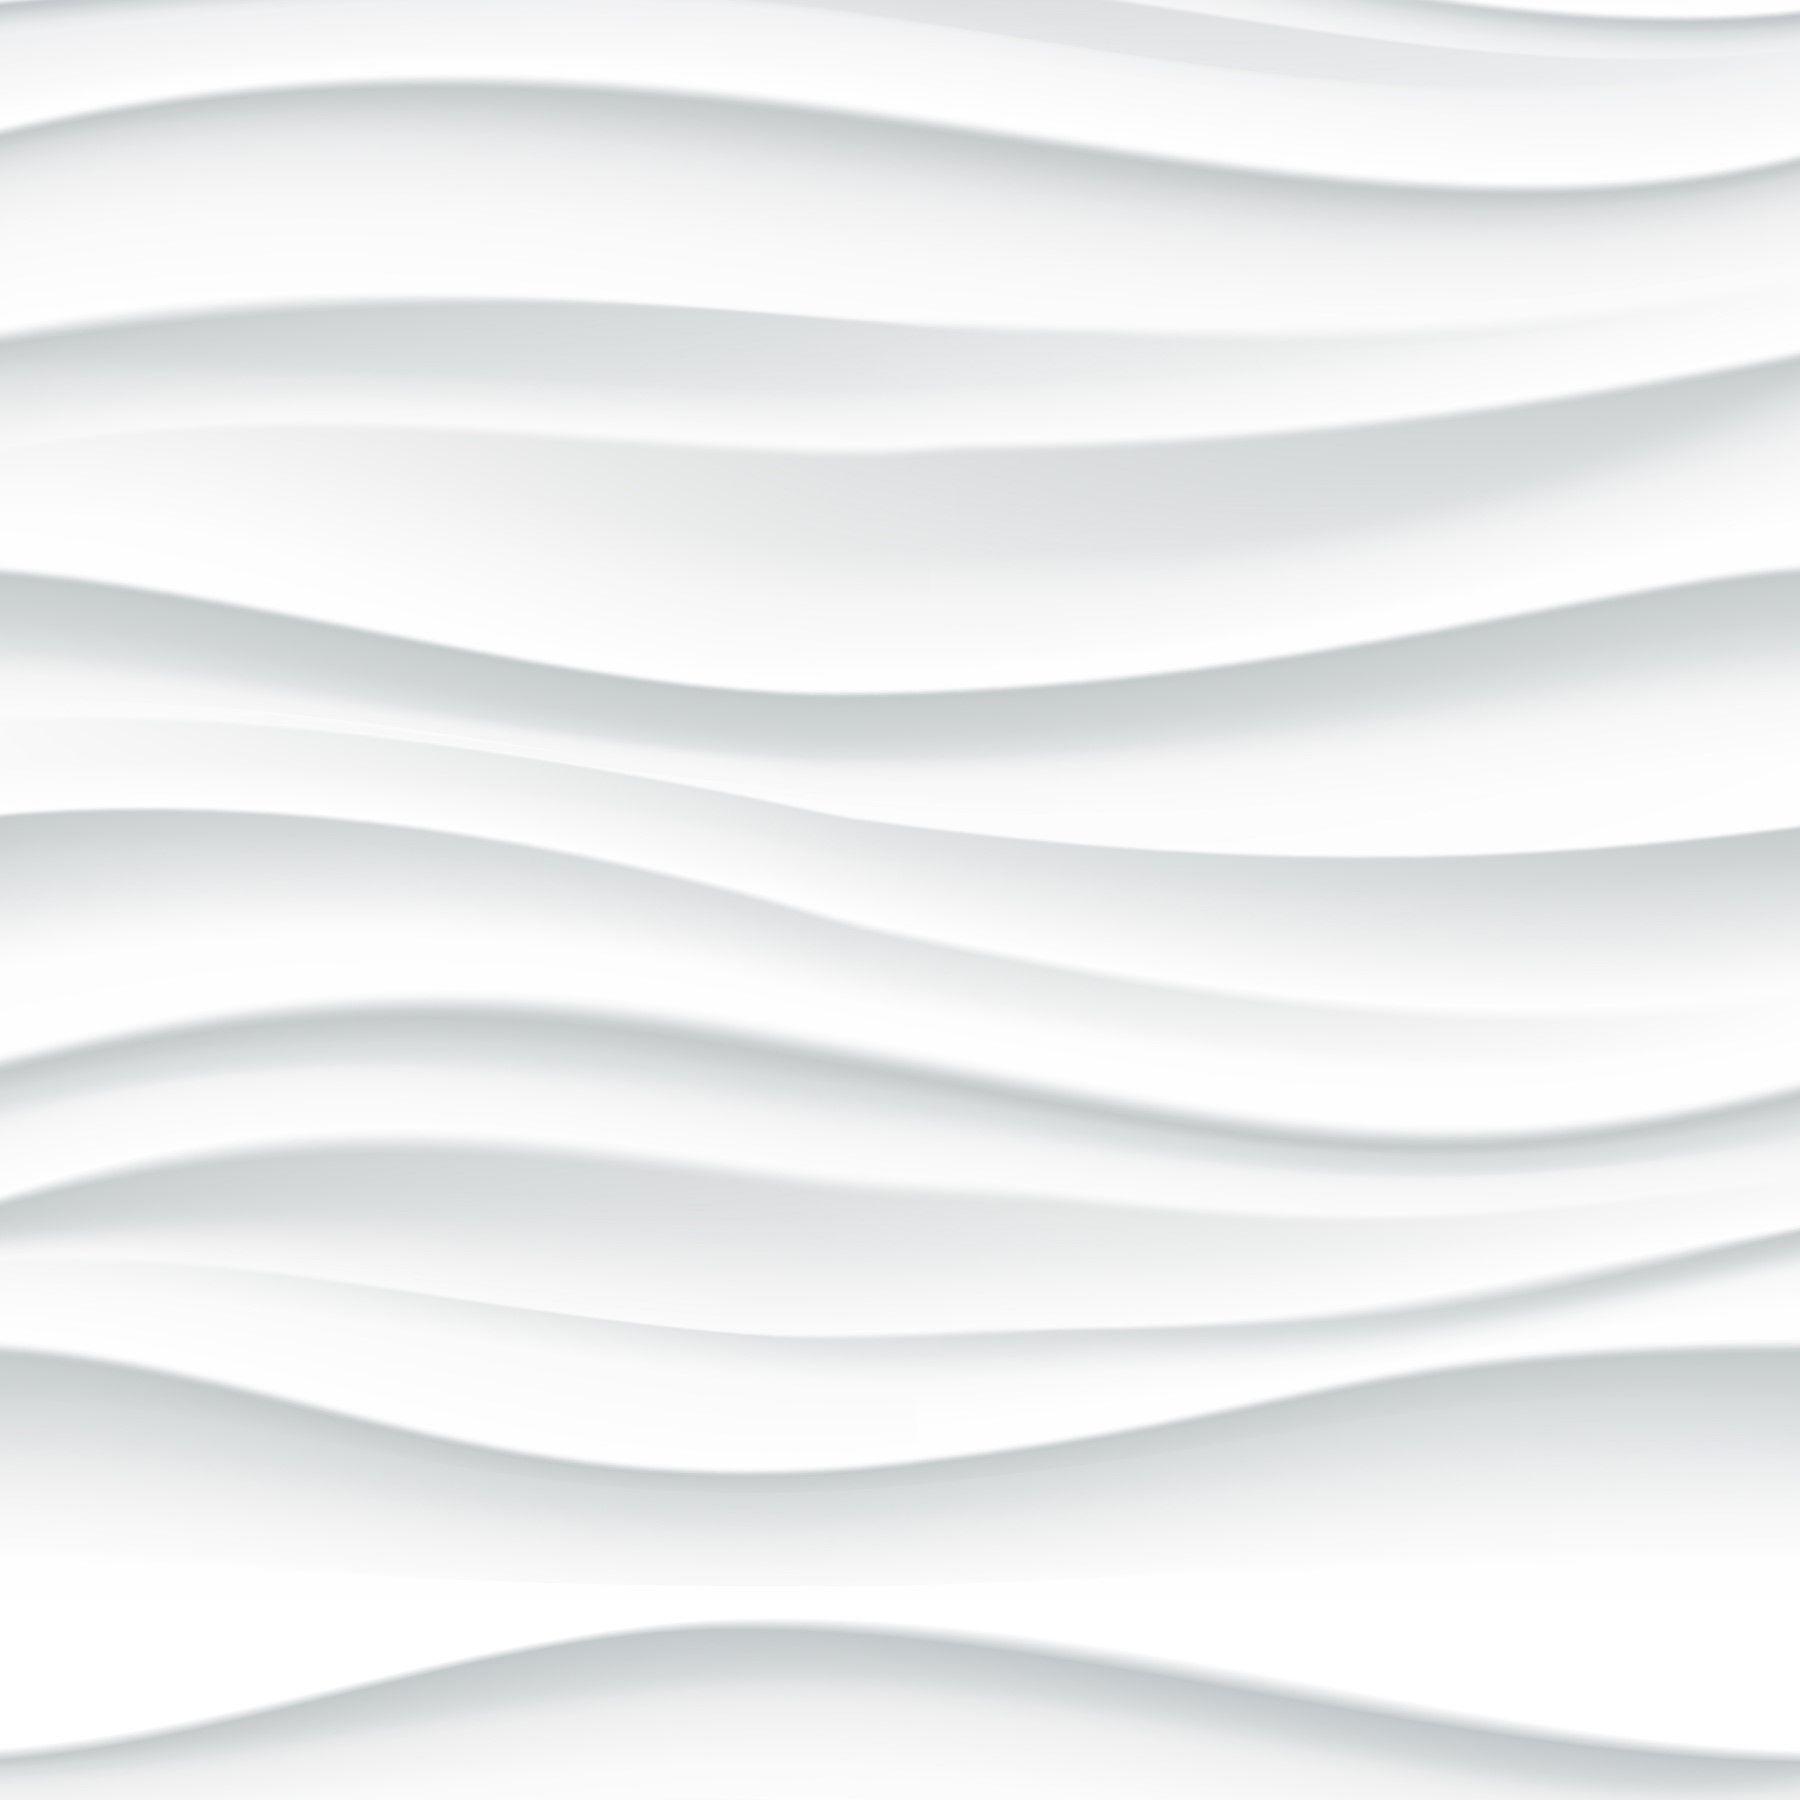 Papel de Parede Efeito 3D Lavável CO-703